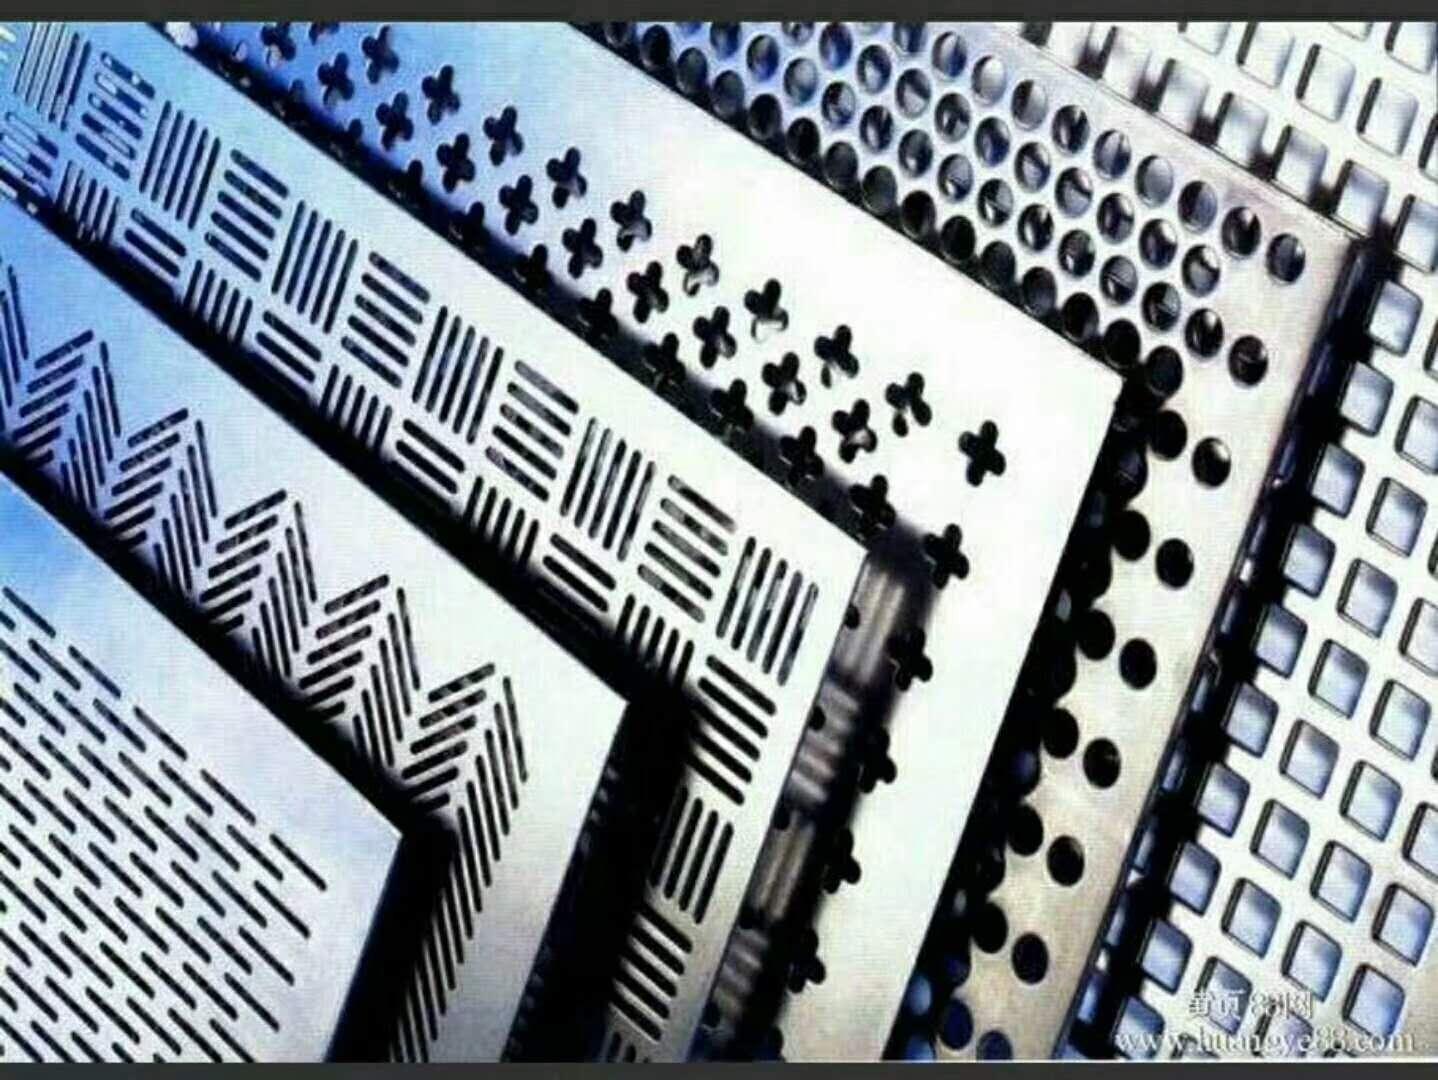 厚板冲孔网,冲孔网规格,不锈钢冲孔网生产厂家,铁板冲孔网